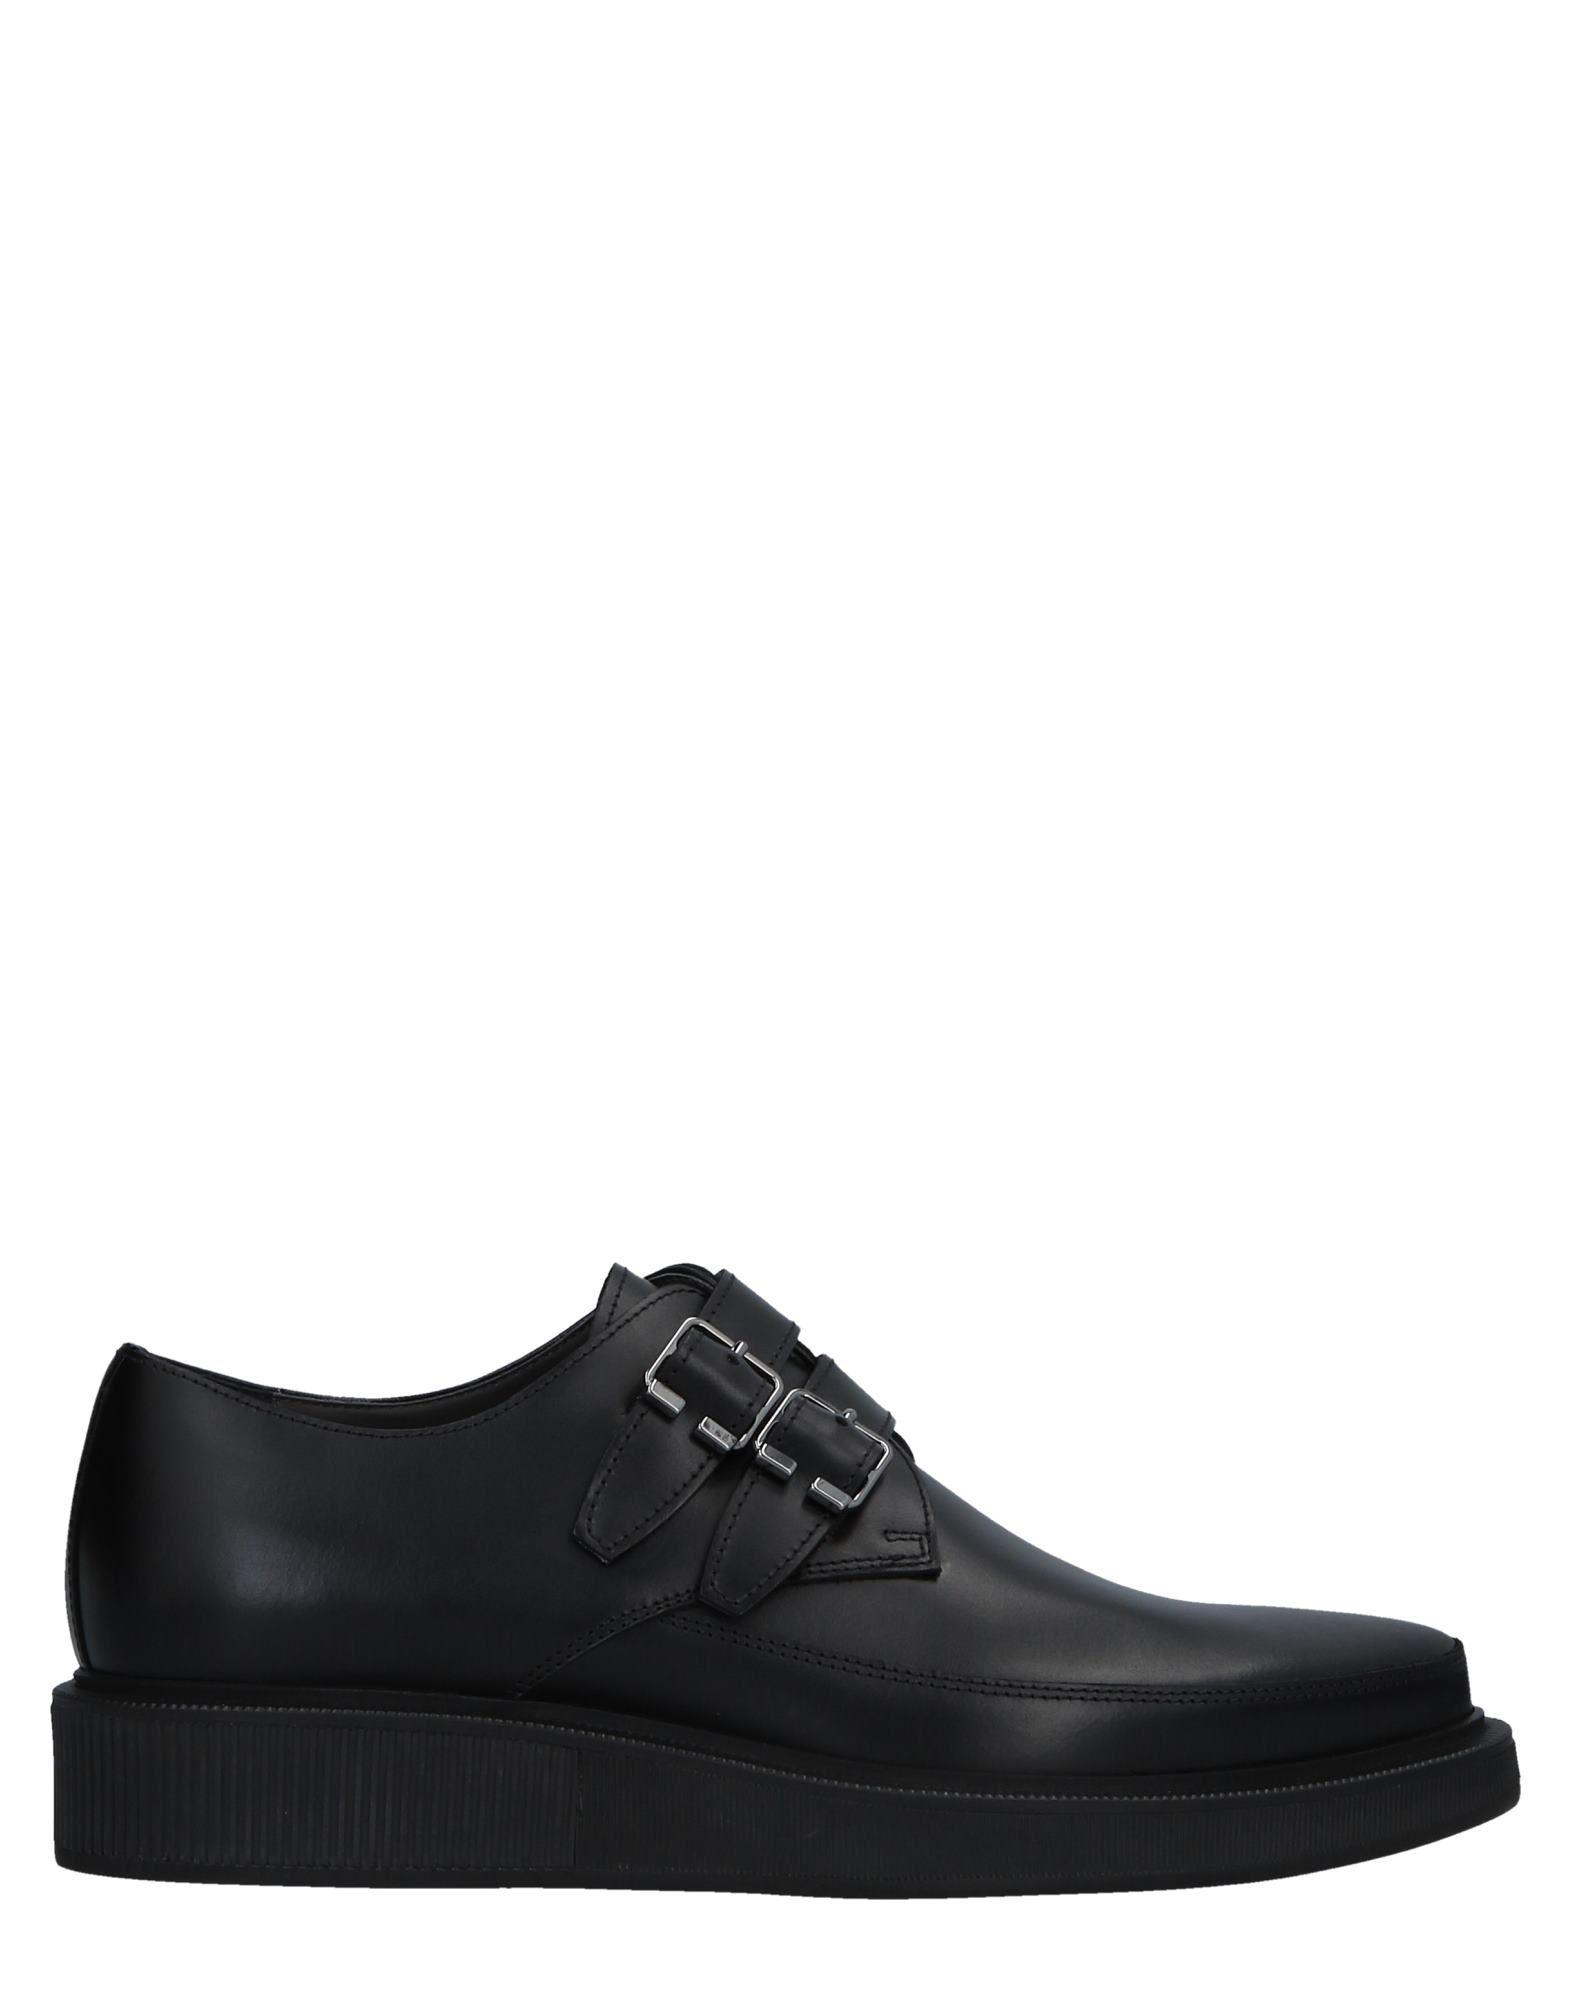 Sneakers Geneve Donna - 11468012SE Scarpe economiche e buone